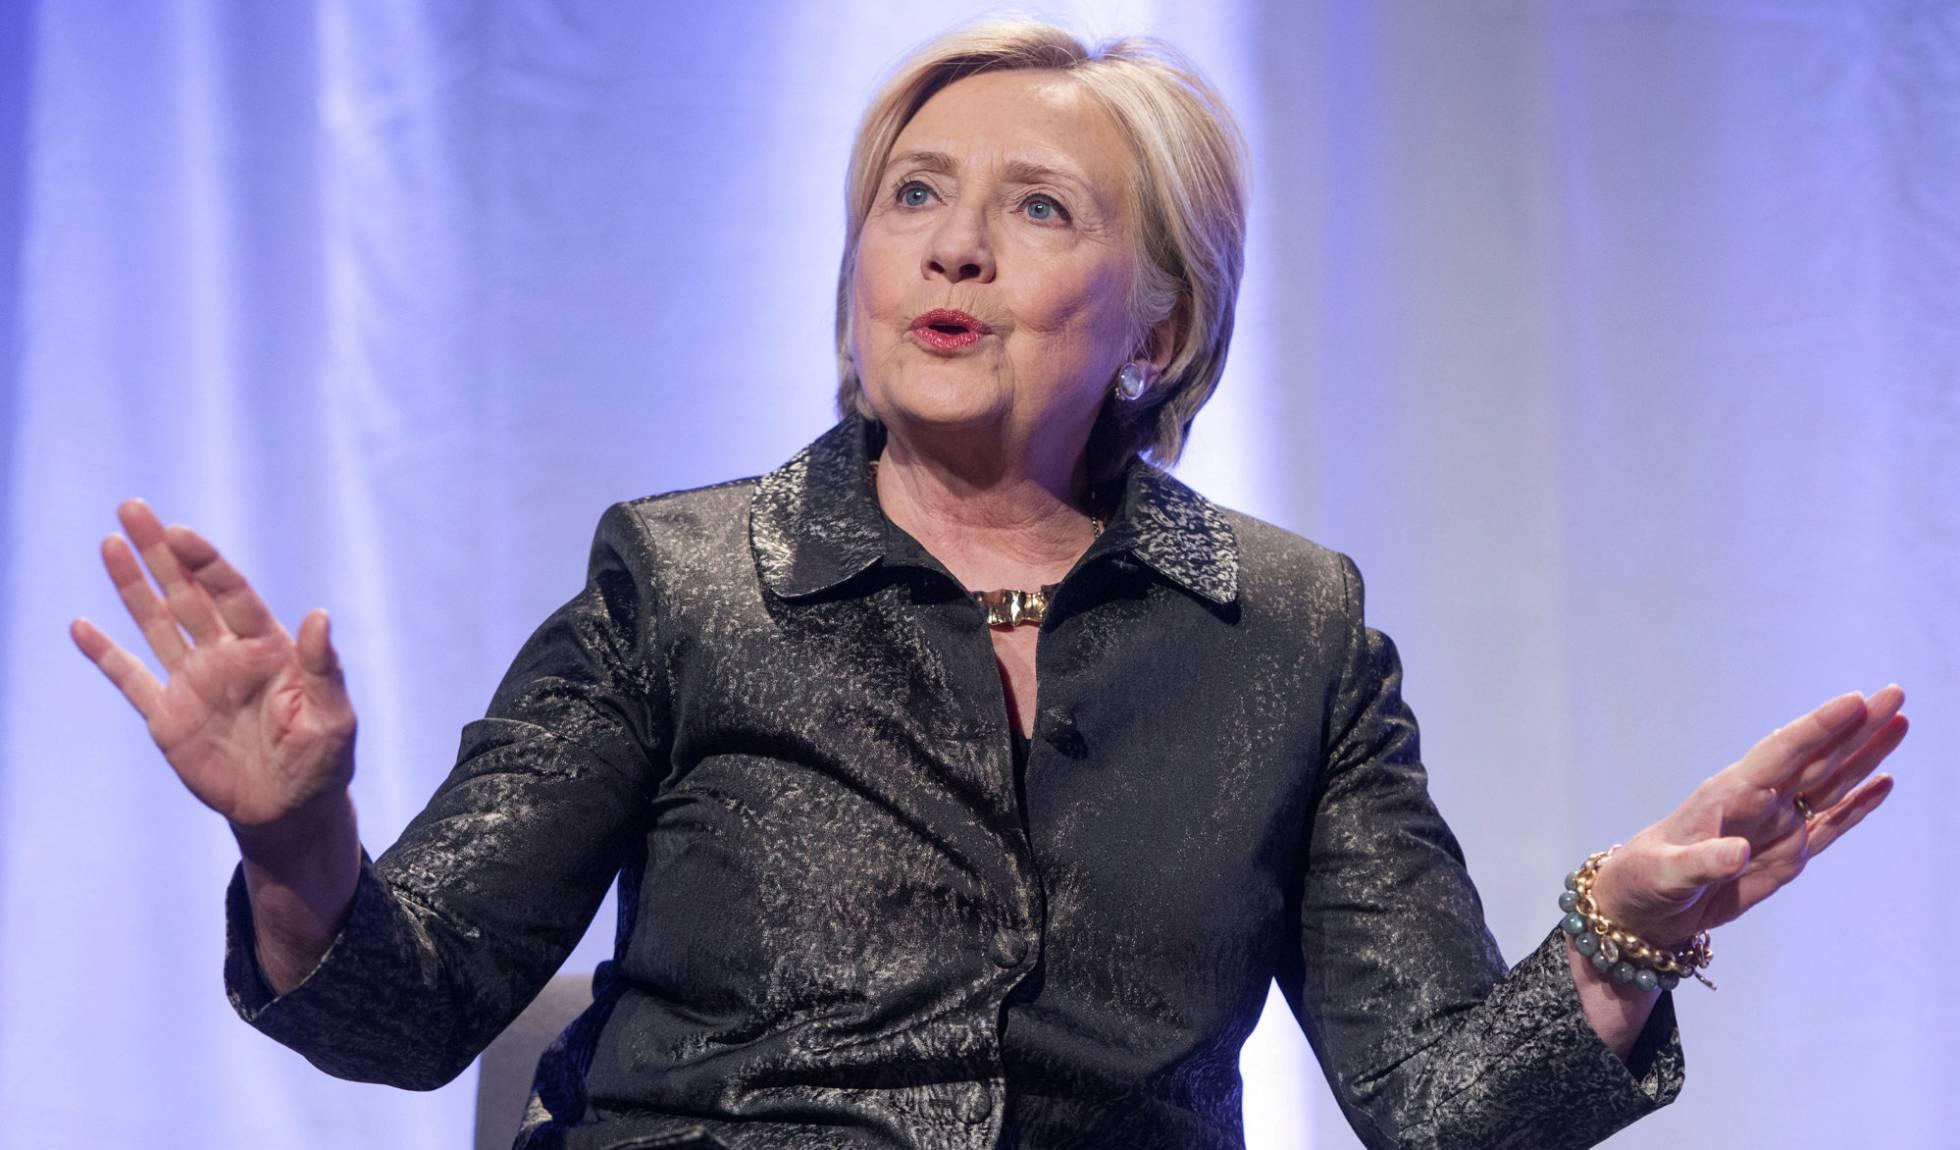 Una empresa contratada por la campaña de Trump contactó con WikiLeaks para obtener los emails de Clinton